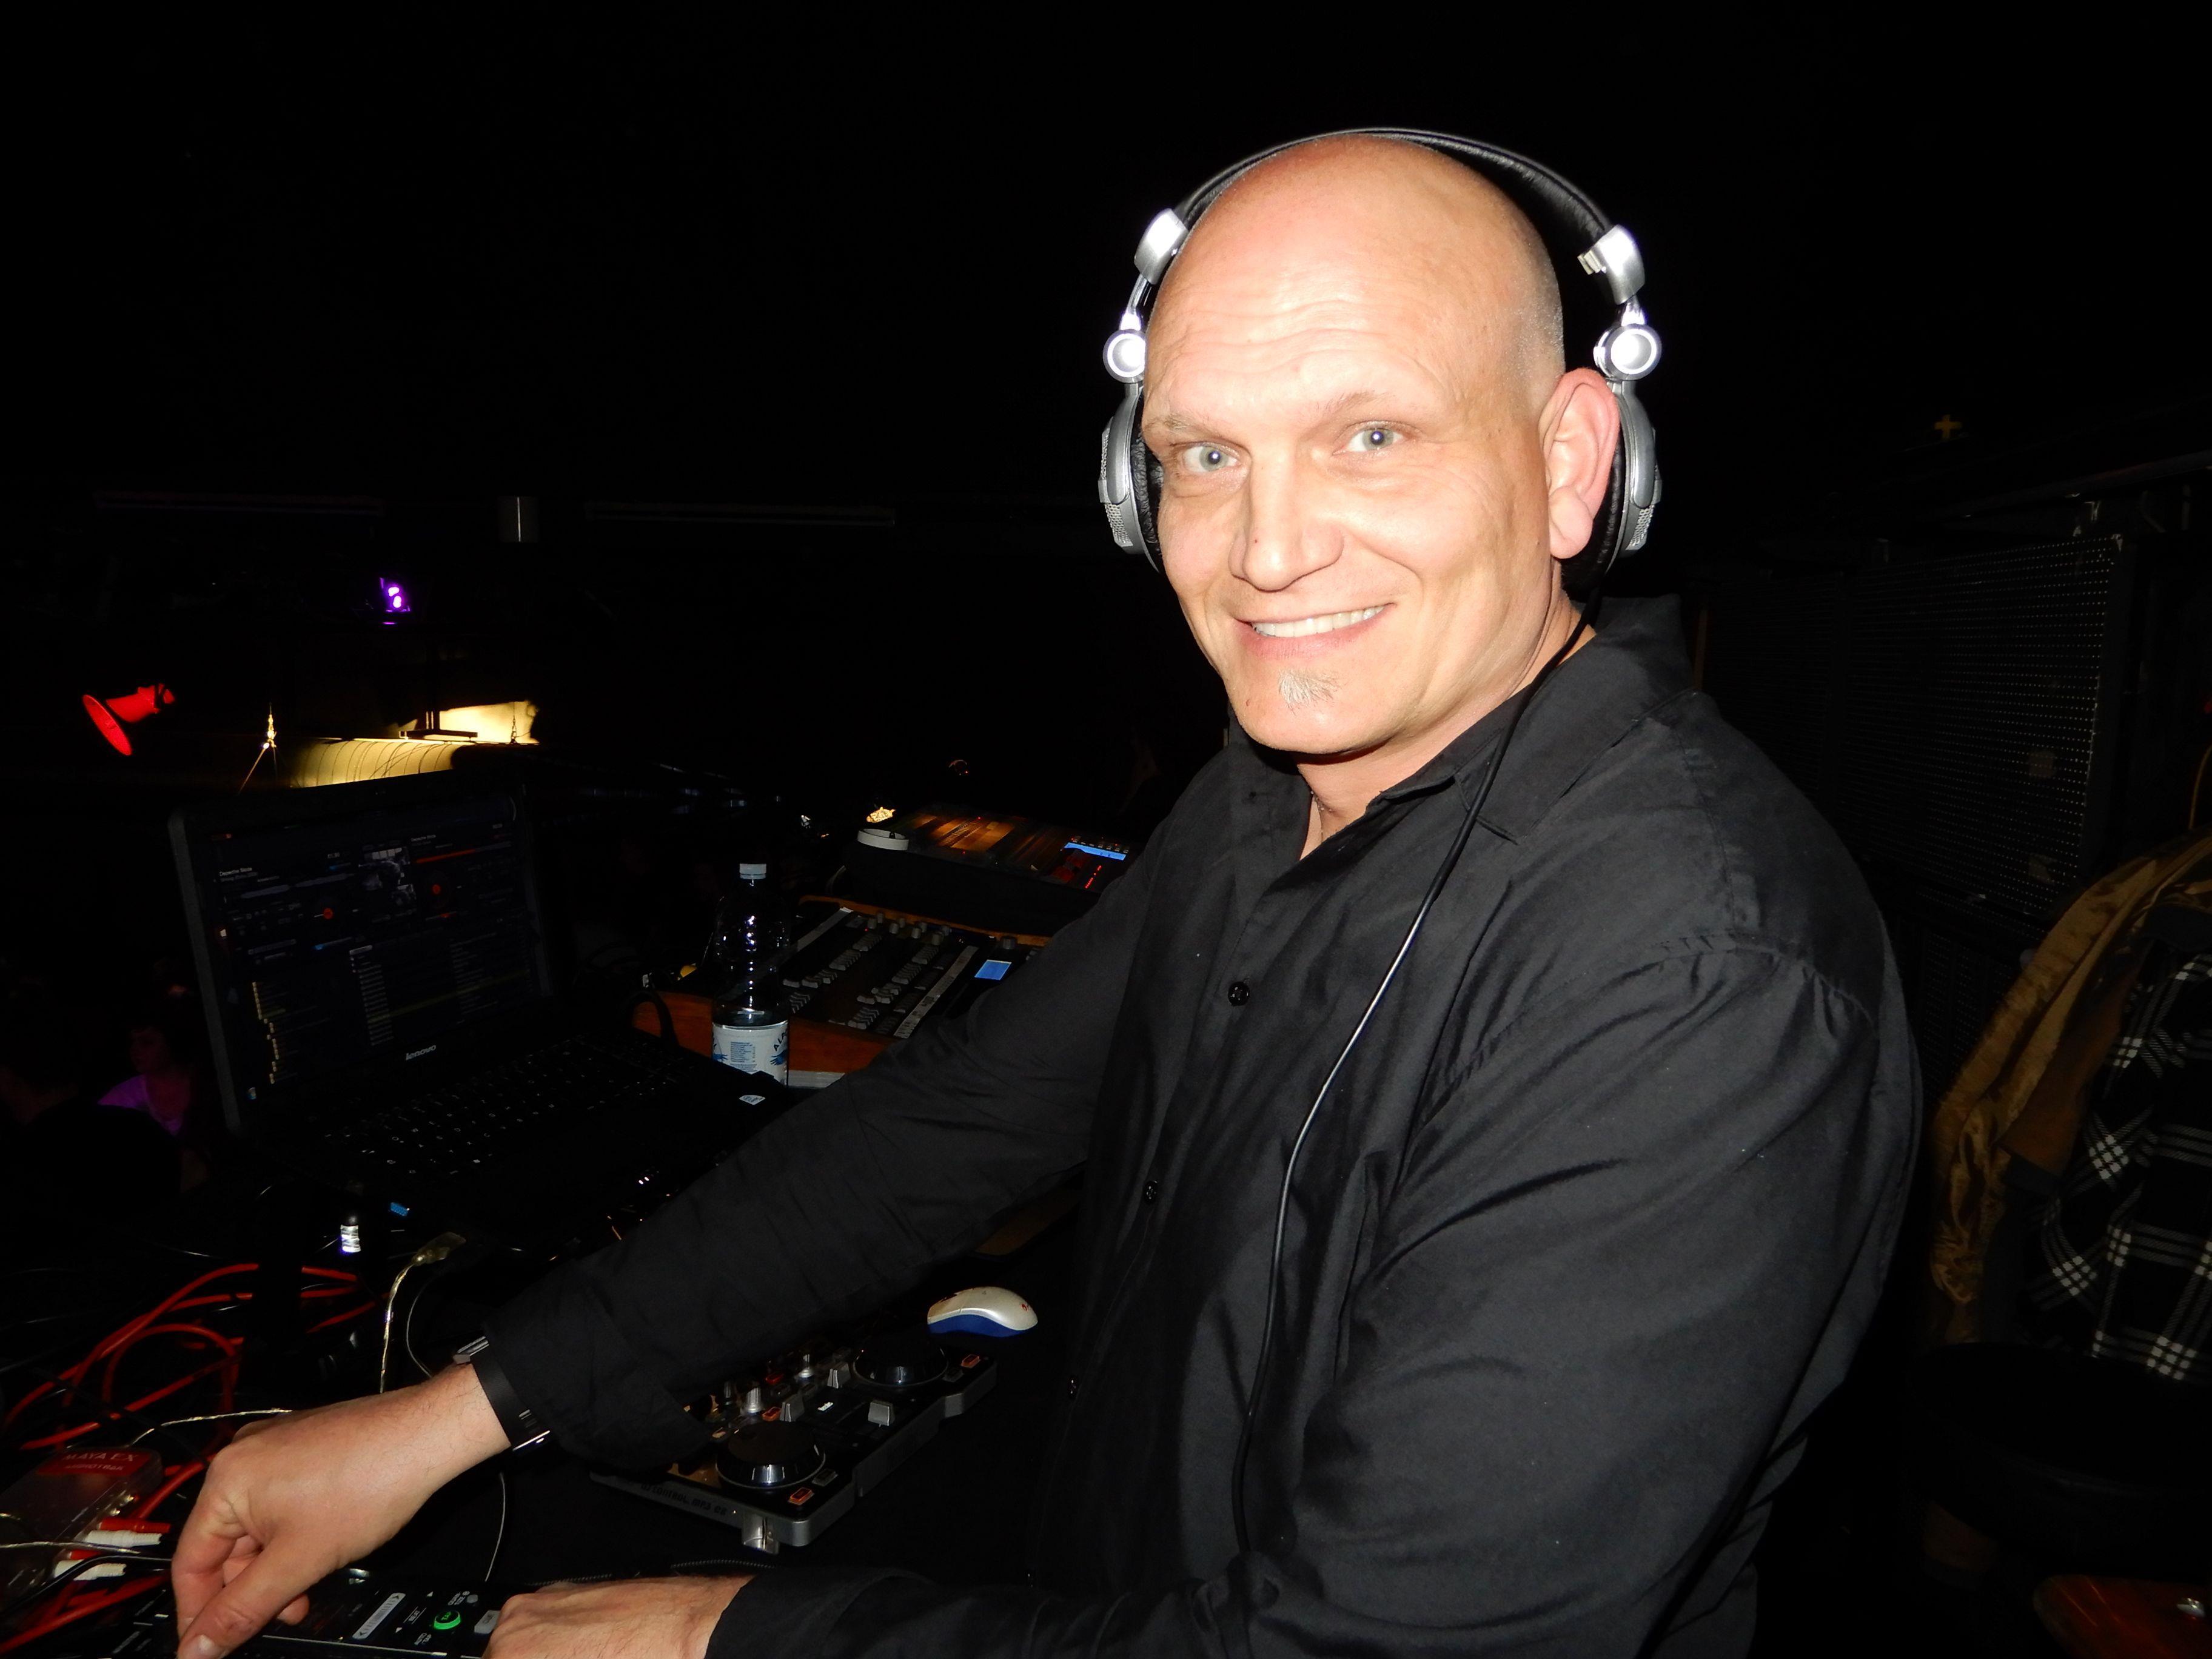 Wenn MC Mode auflegt, tanzen sie alle - schließlich spielt der DJ auch immer seinen persönlichen Lieblings-Sound.